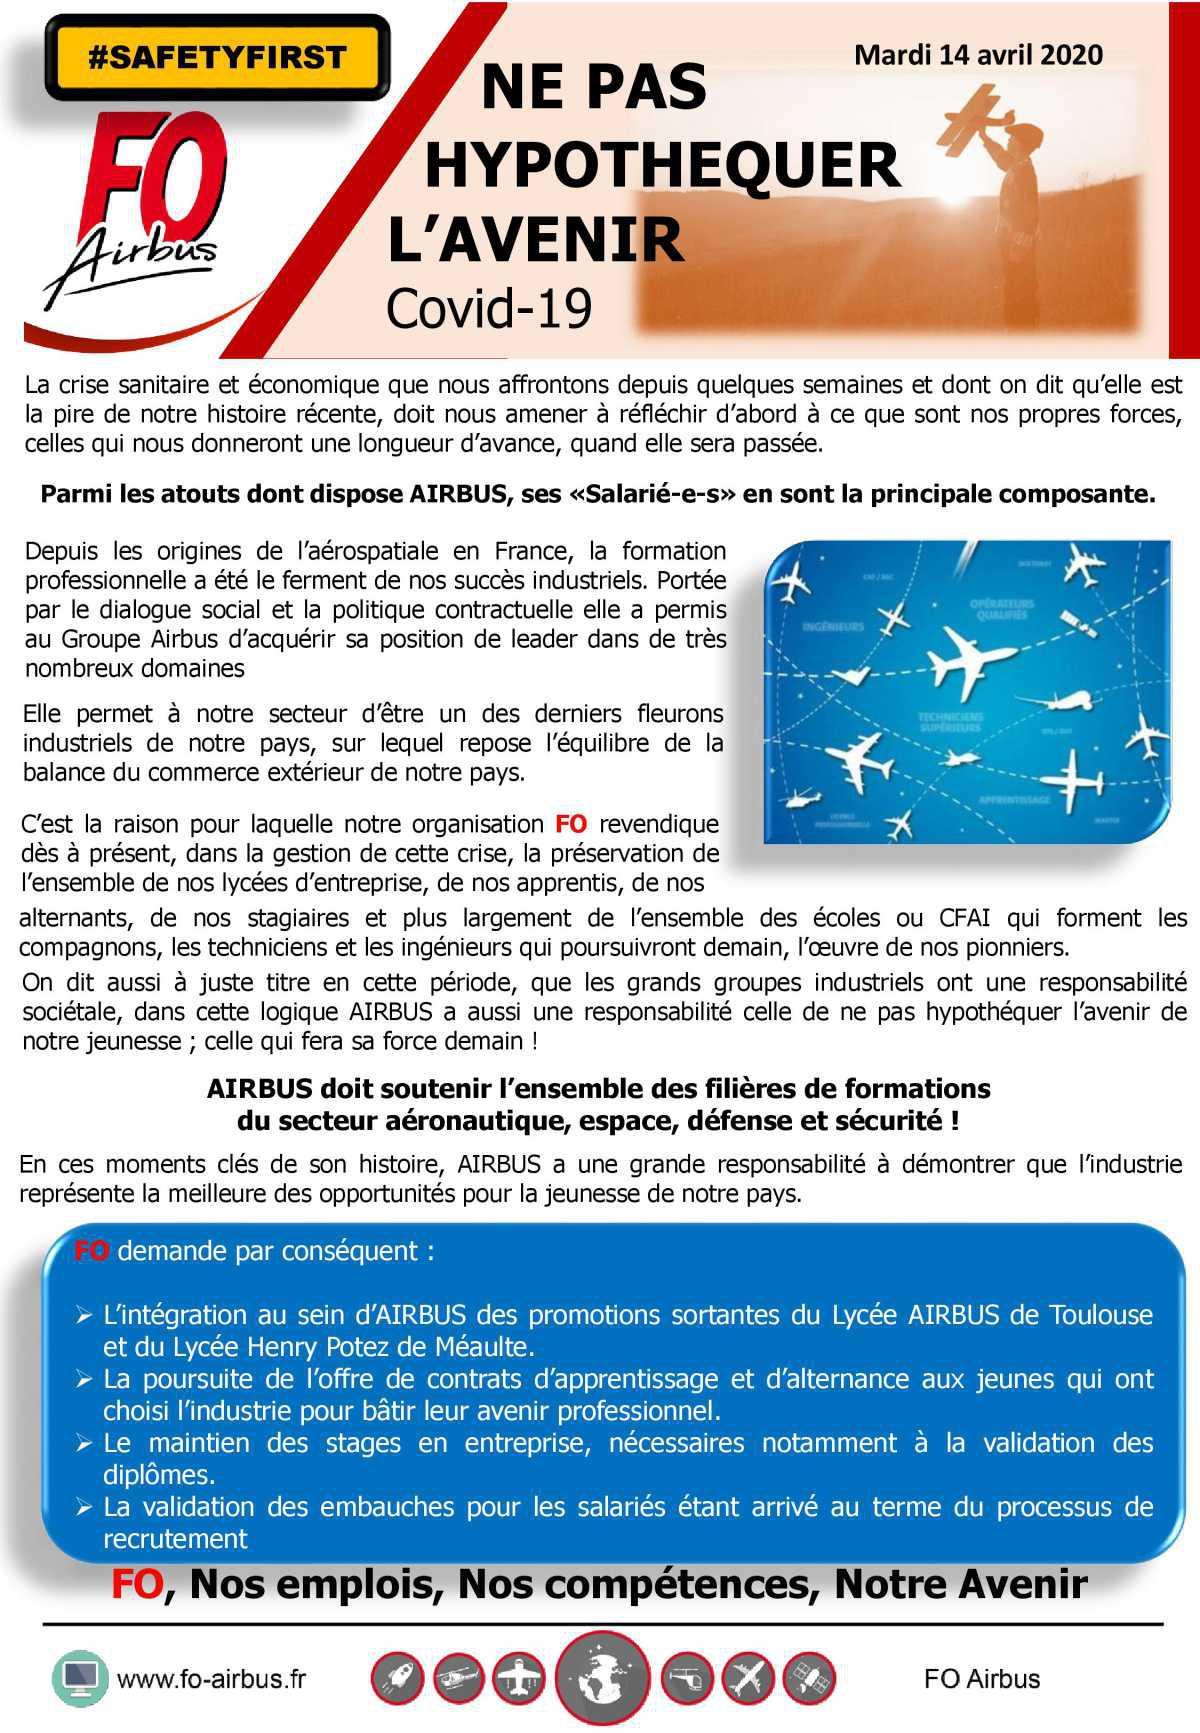 Ne pas hypothéquer l'avenir - COVID 19